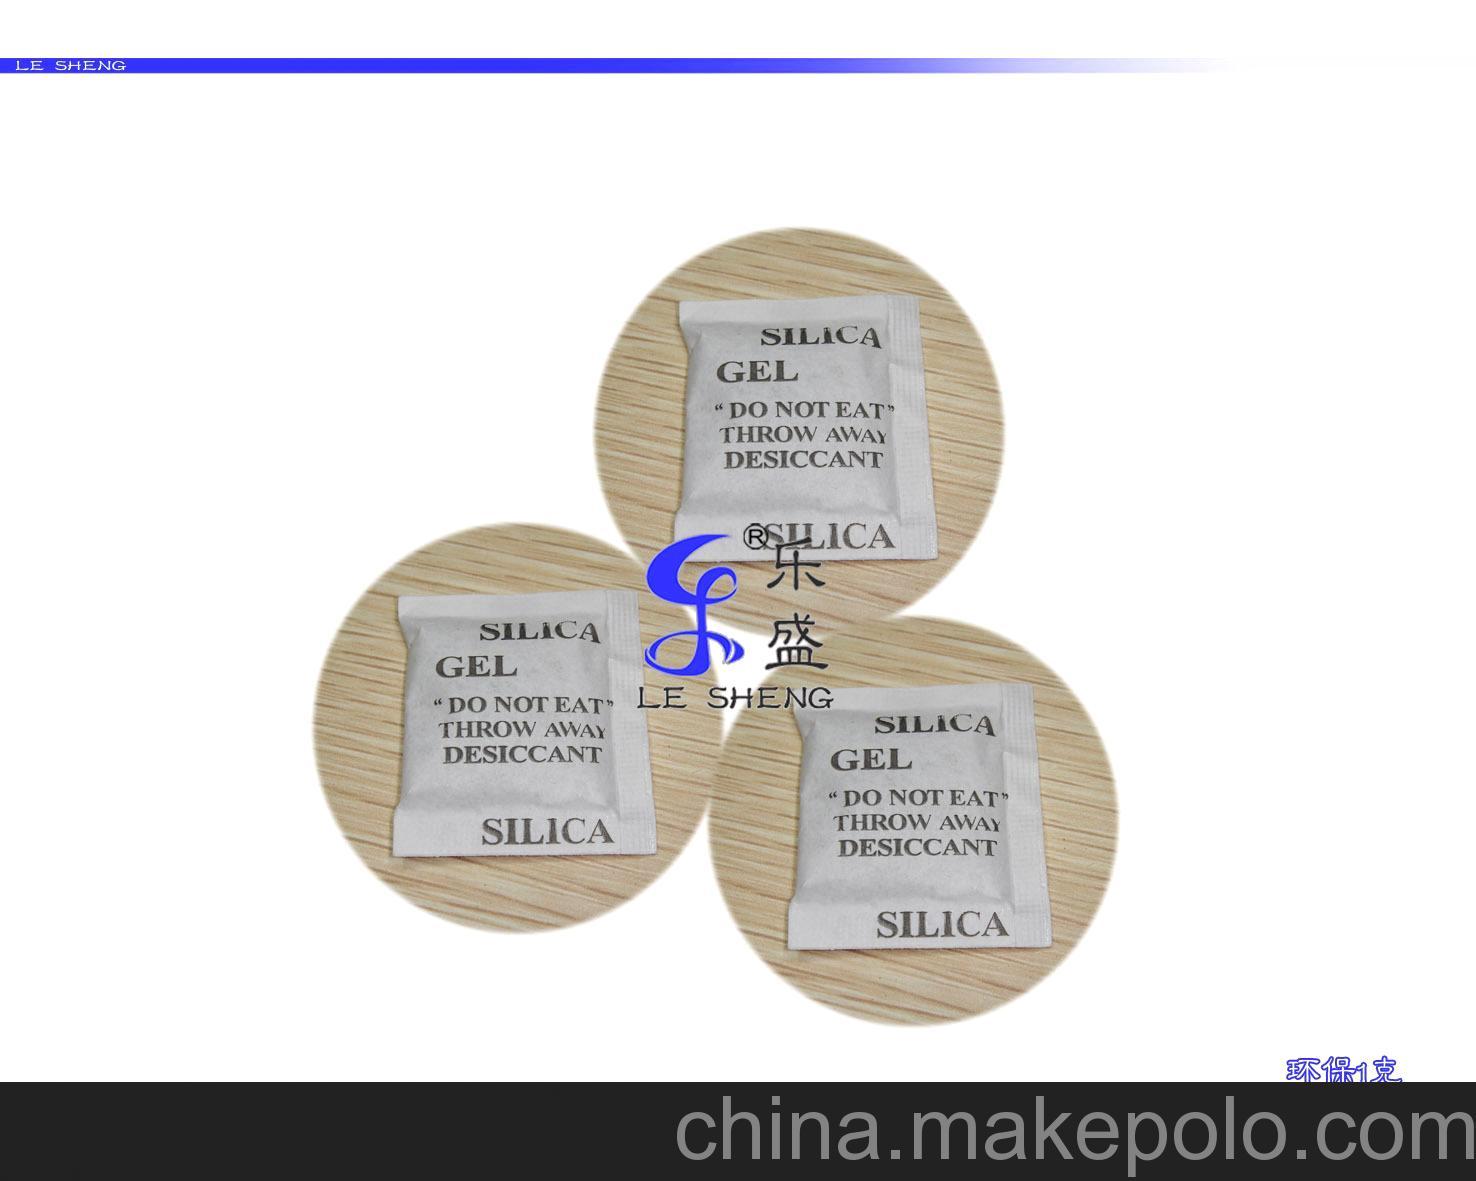 环保干燥剂 吸附剂 防潮剂 不含DMF 1克